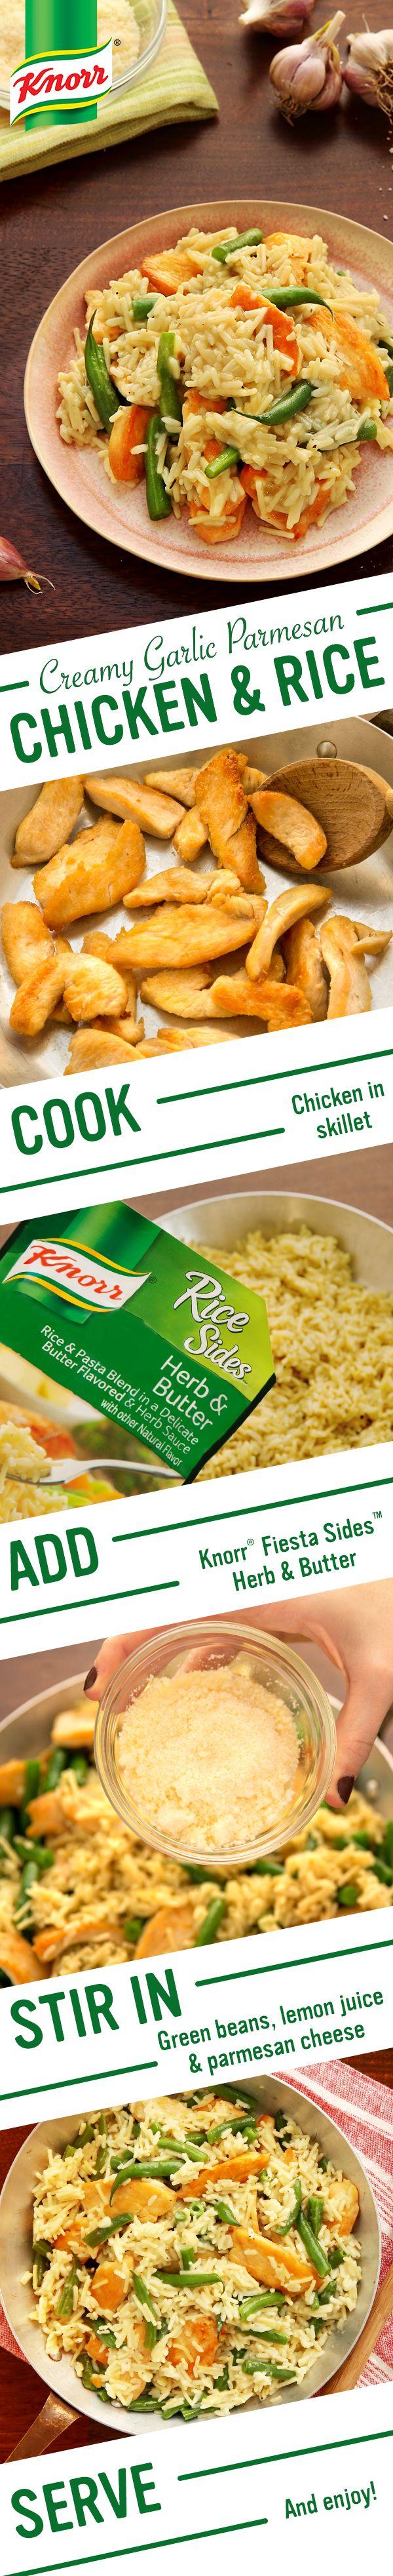 Ciao Knorr S Delicious Creamy Garlic Parmesan Chicken